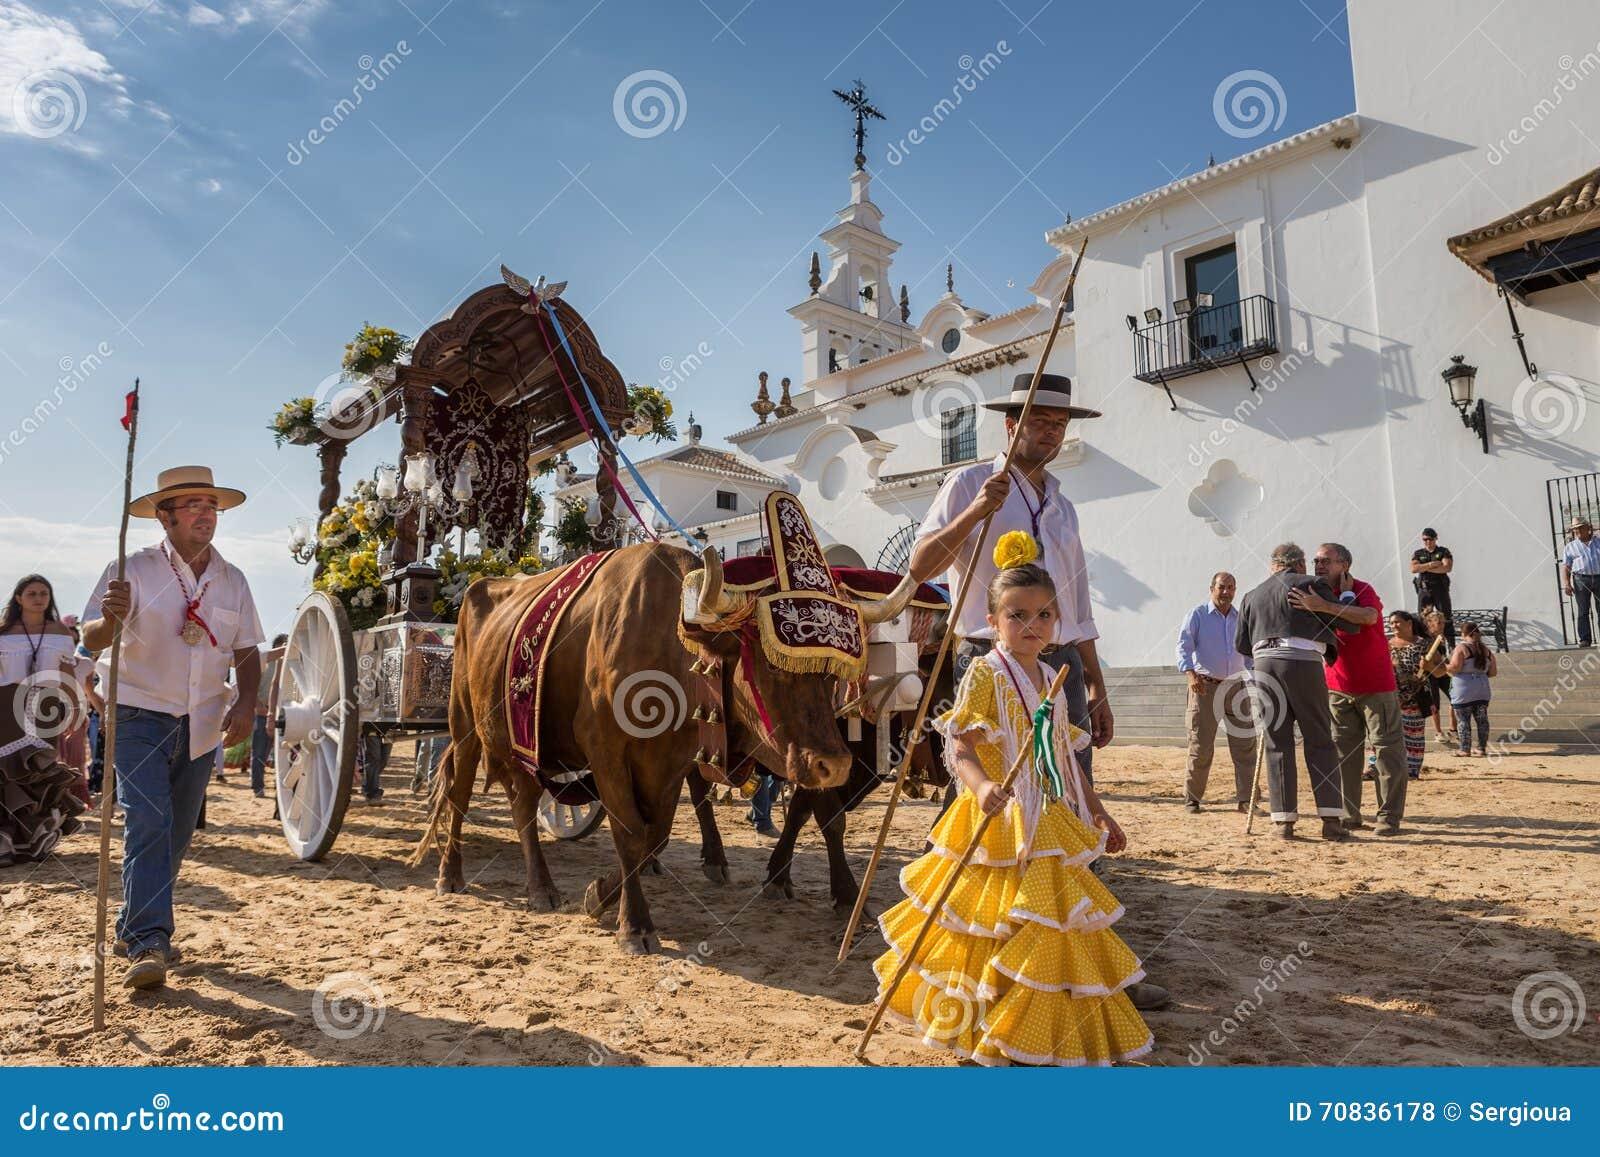 EL ROCIO, ANDALUCÍA, ESPAÑA - 22 de mayo: Romeria después de visitar el santuario va al pueblo